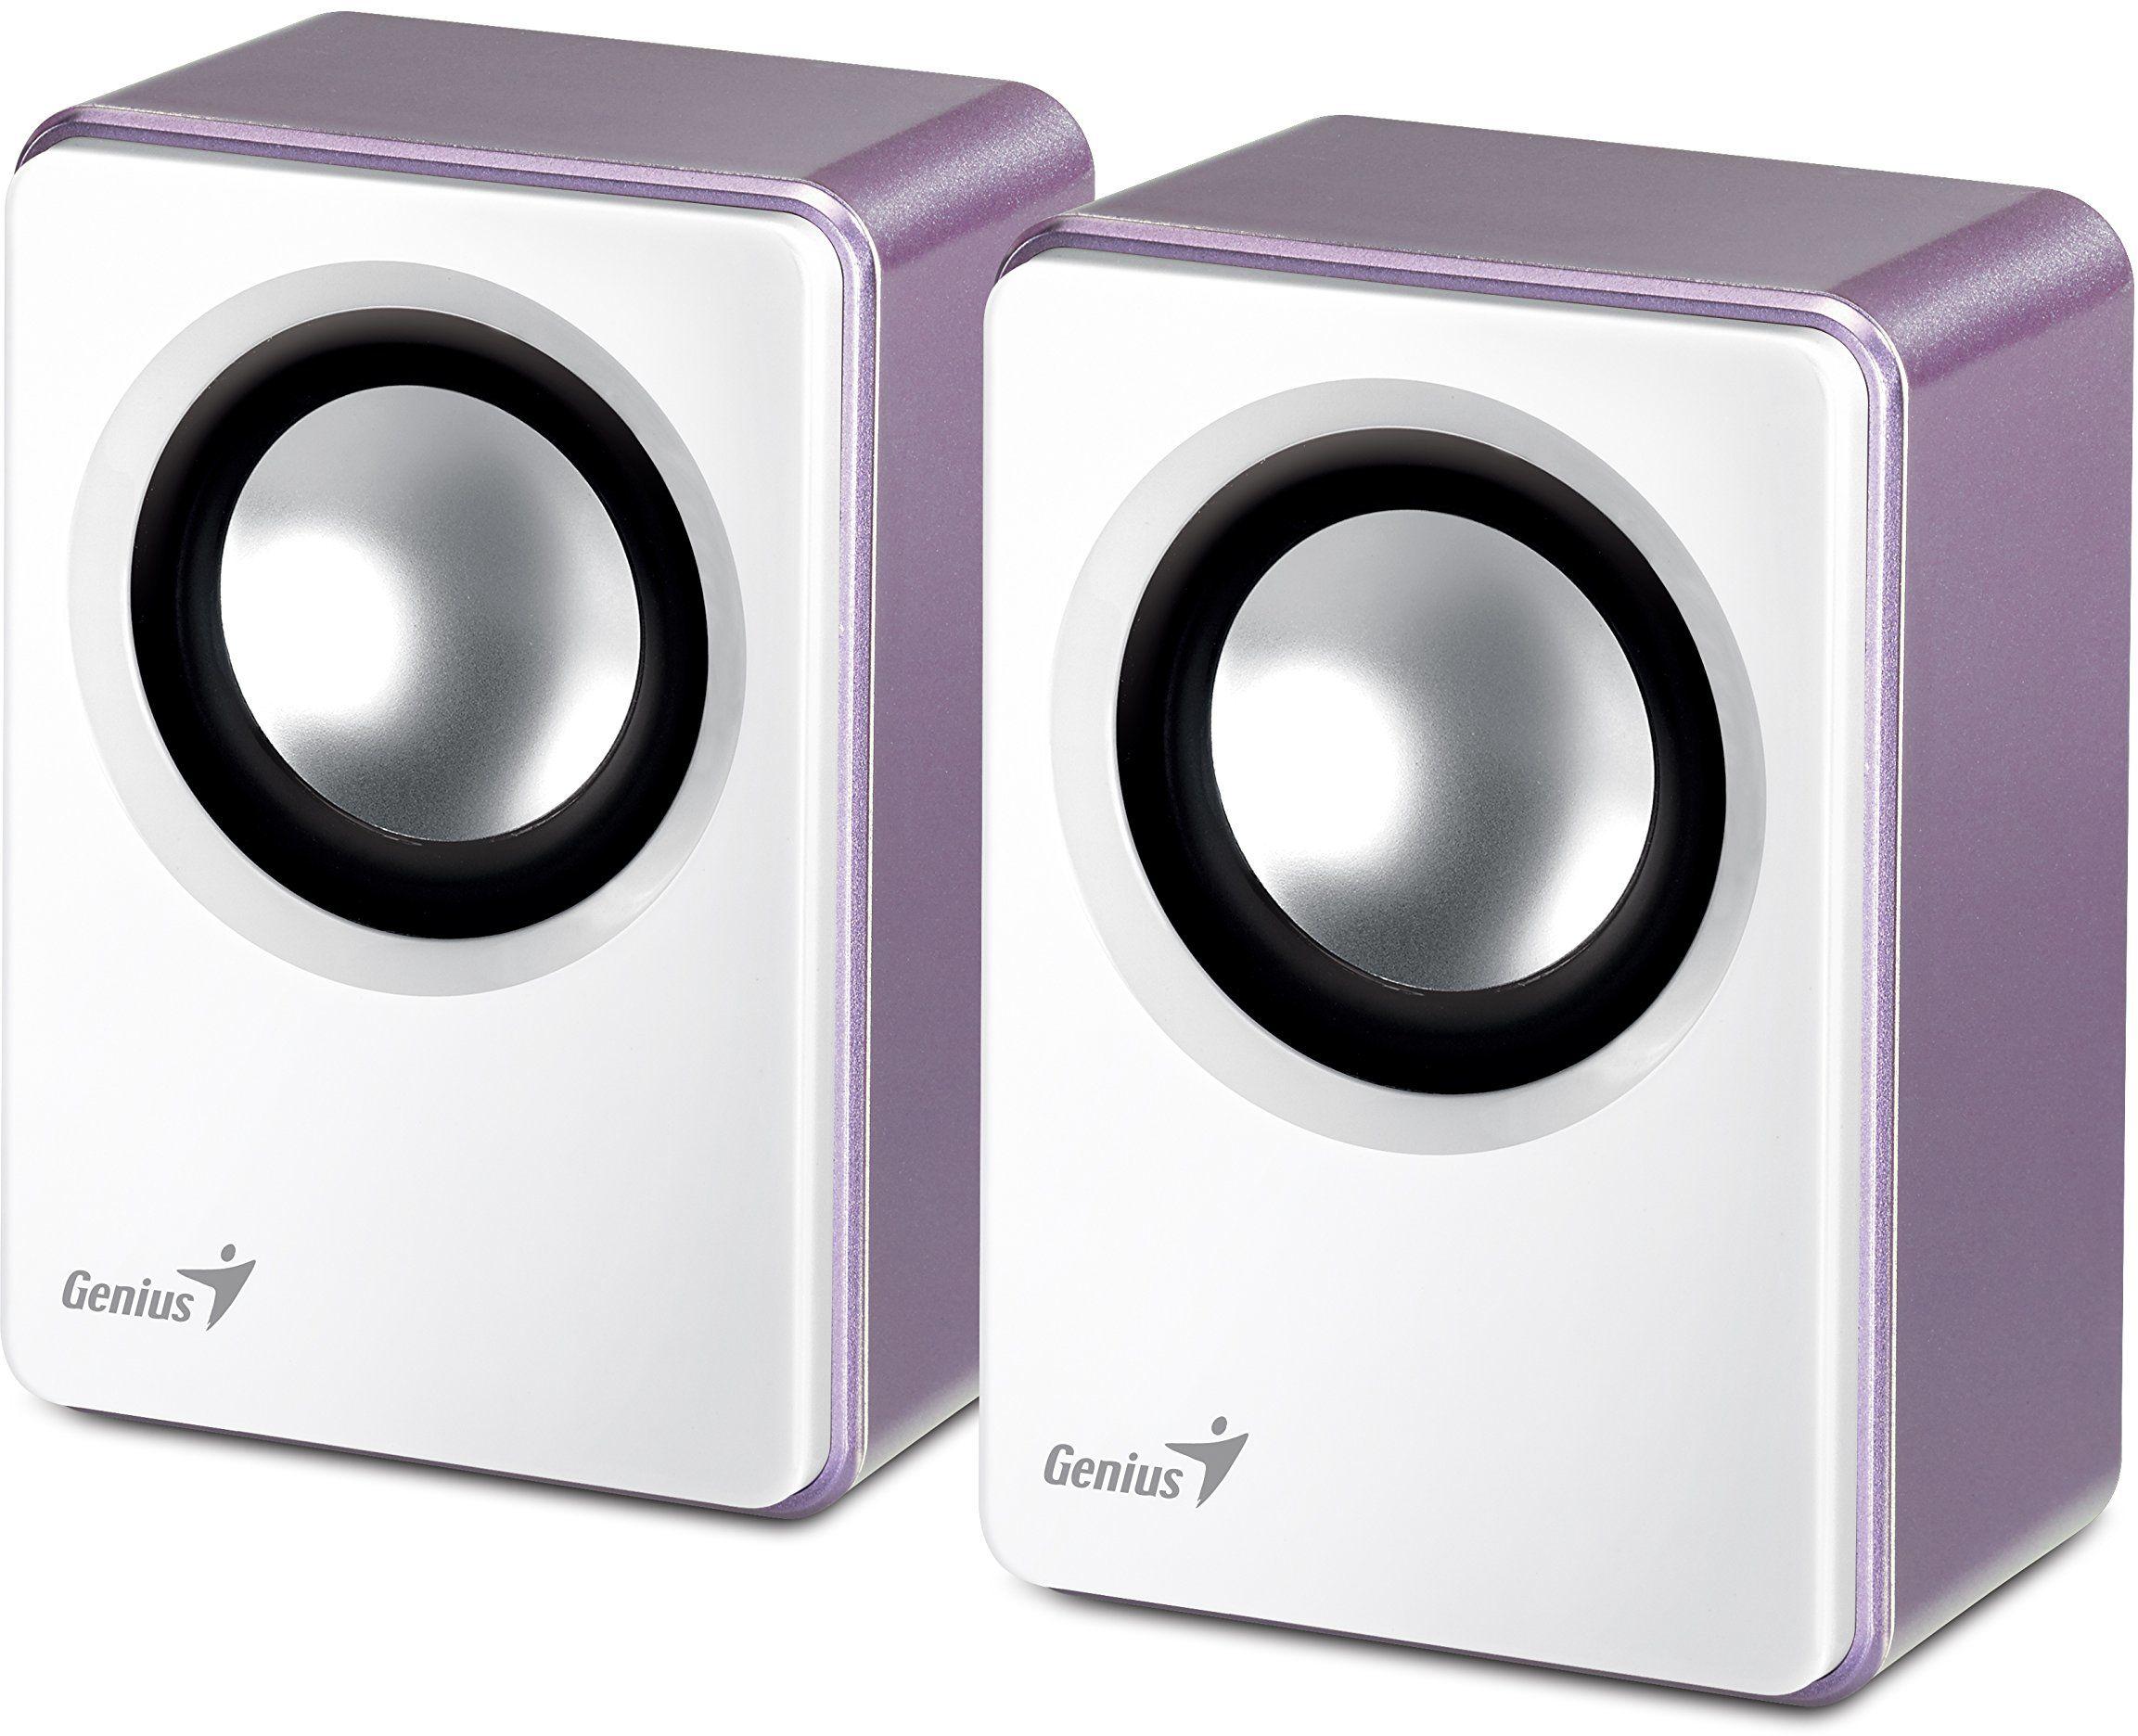 Genius Aktywne pudełko GENIUS SP-Q120 głośnik PC fioletowy/biały